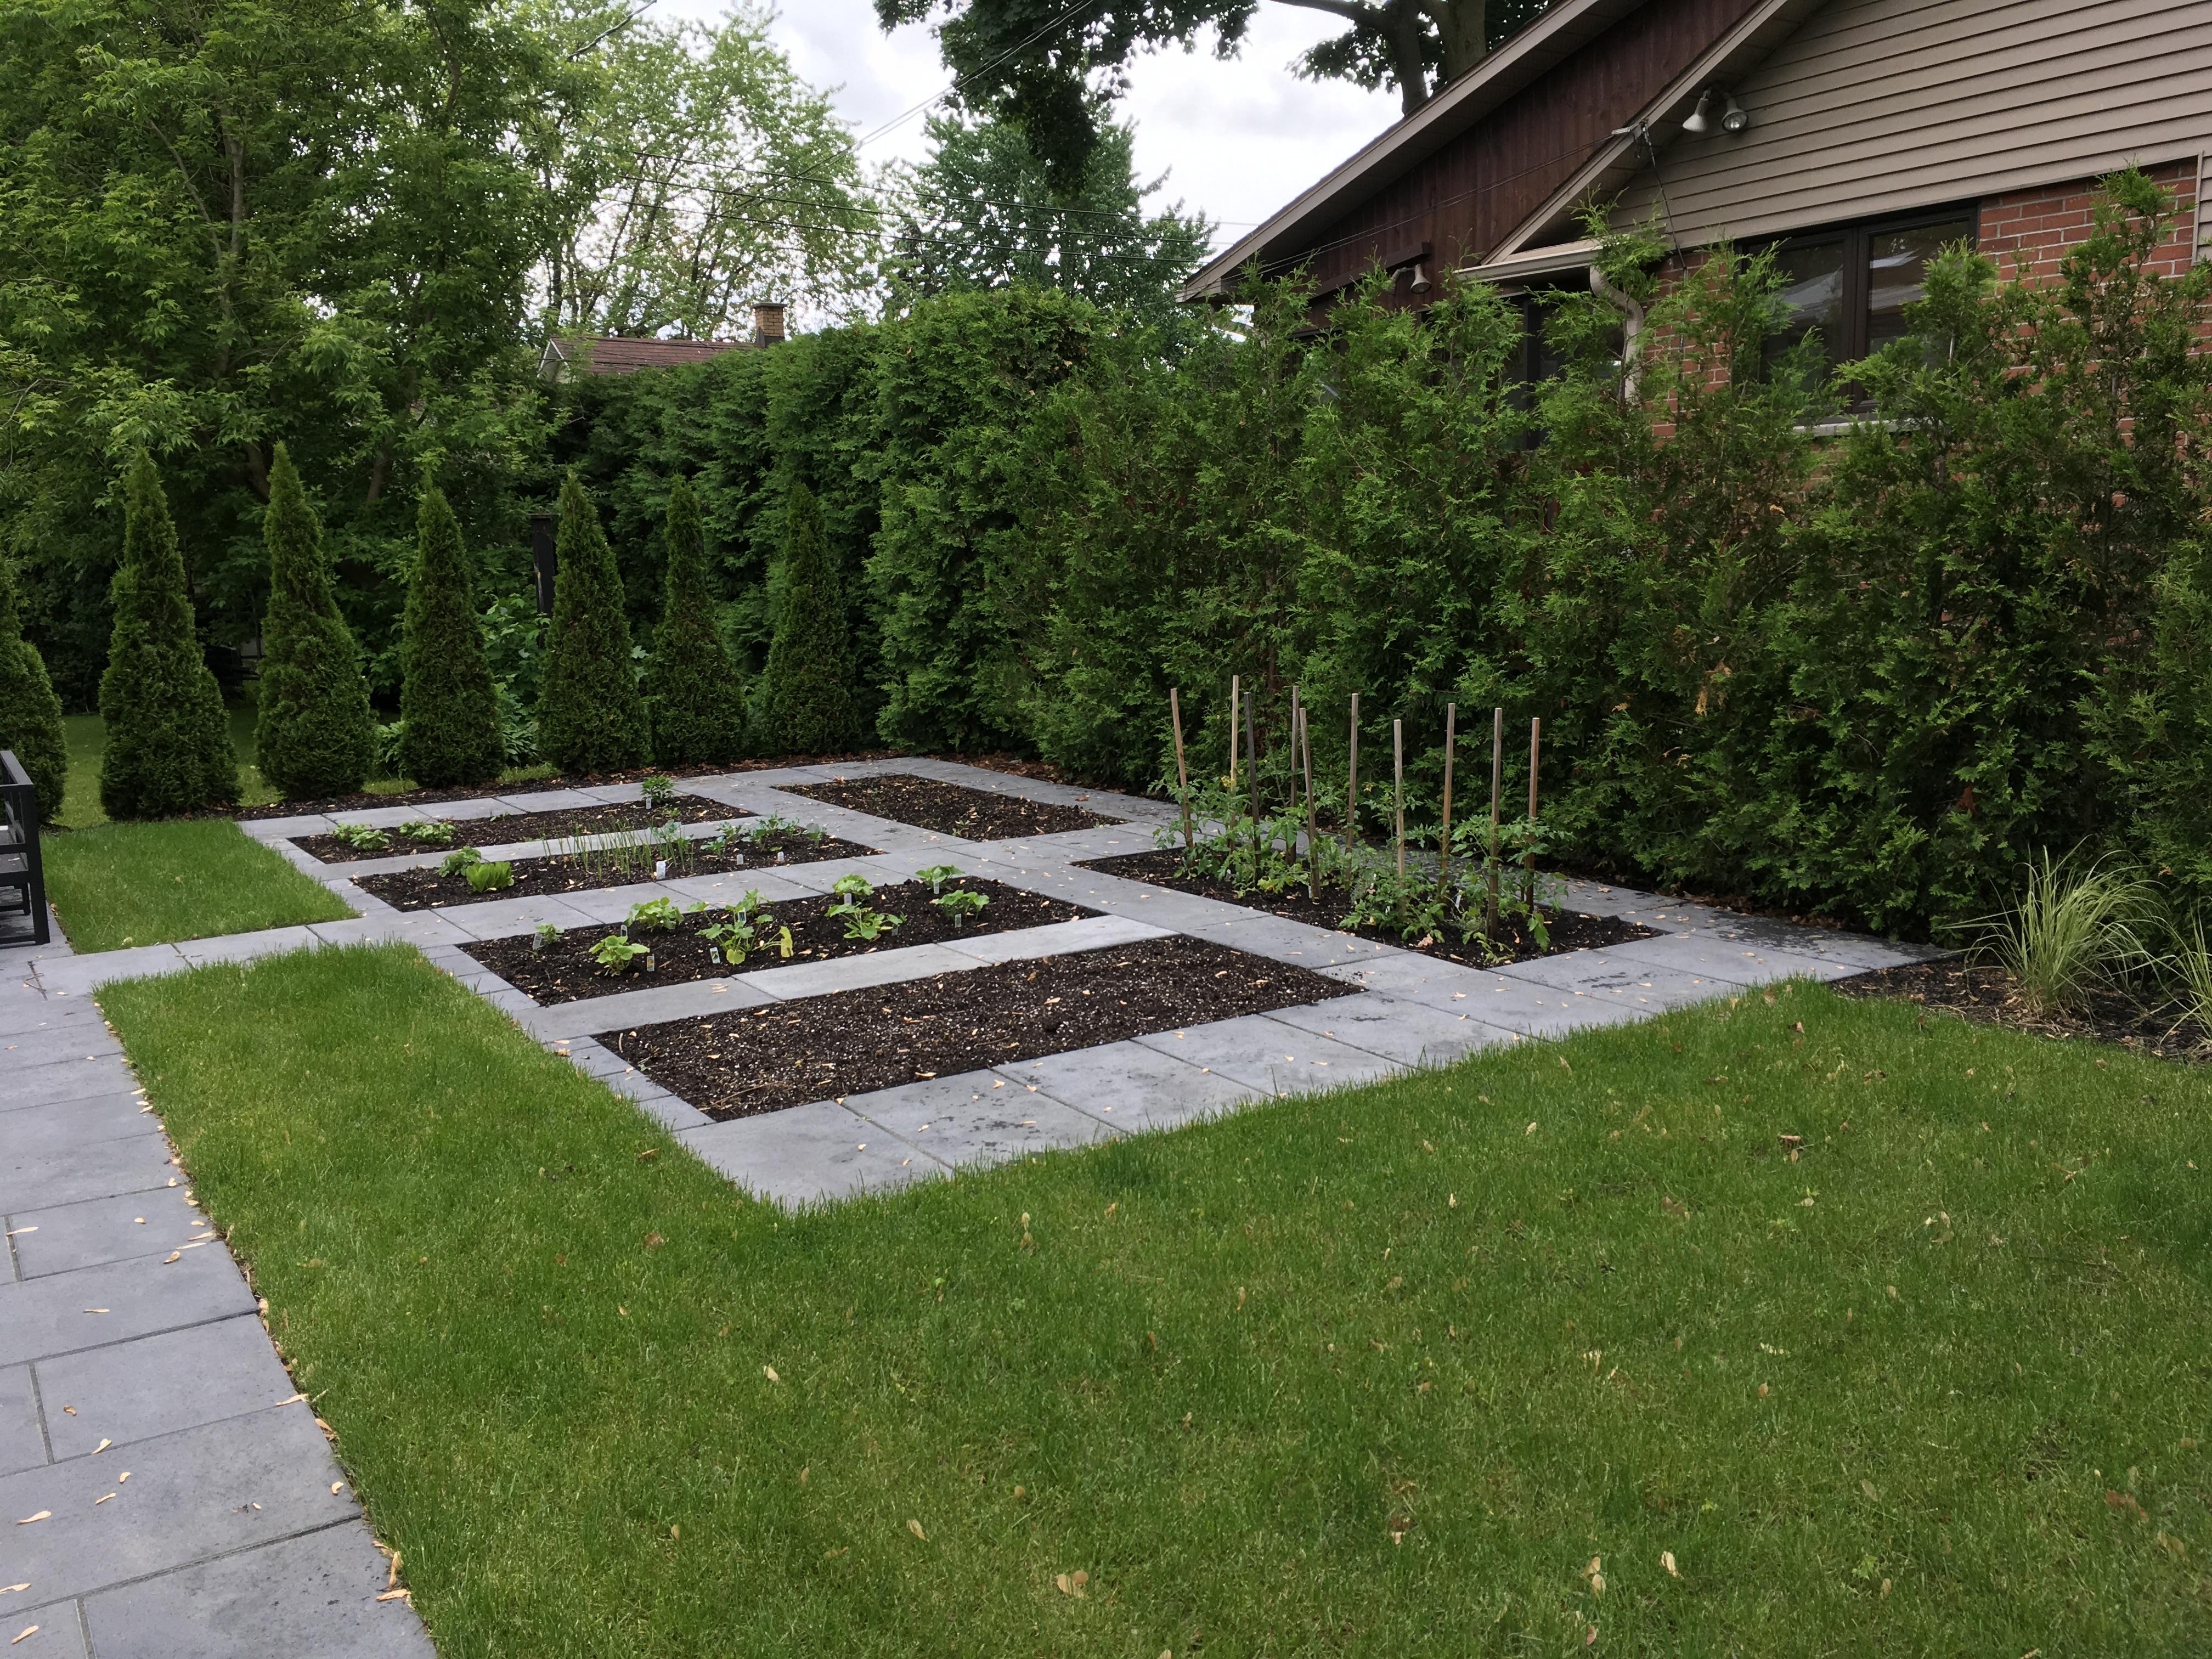 jardins-piniere-potager-urbain